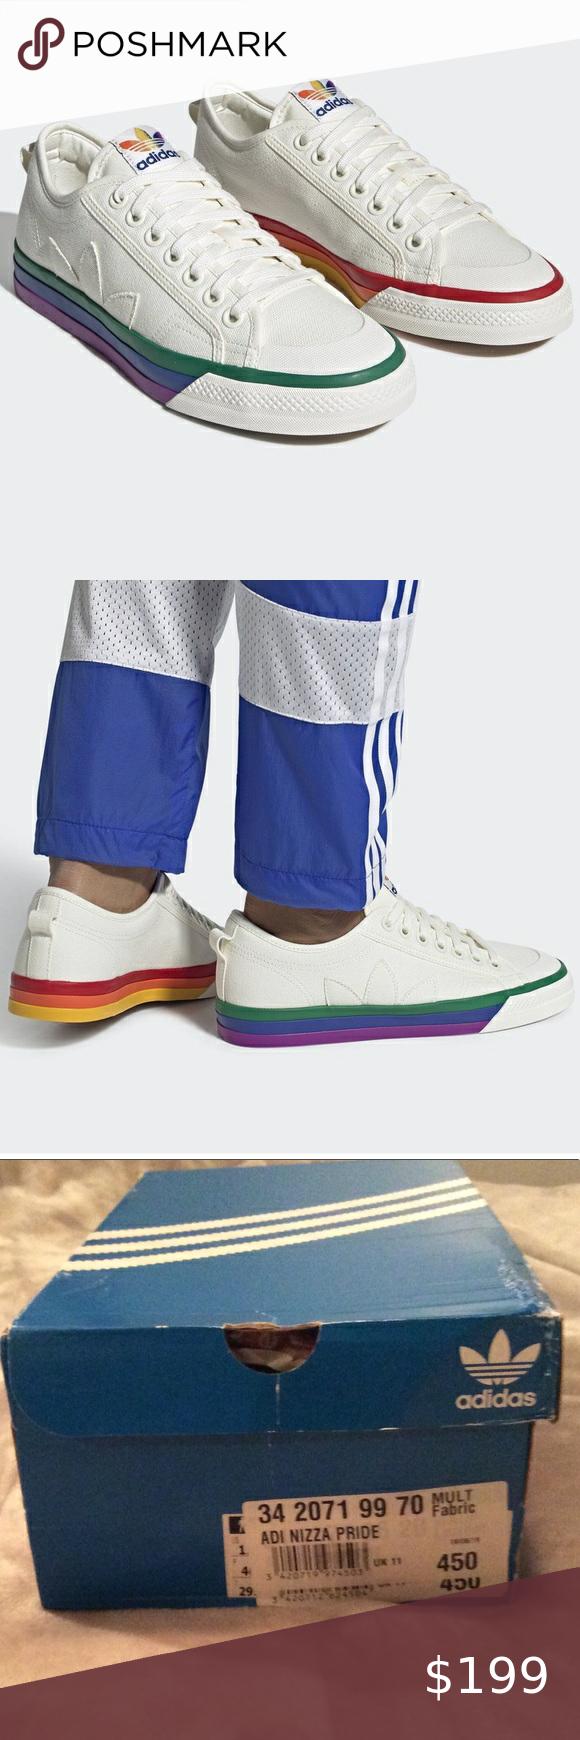 adidas nizza limited edition